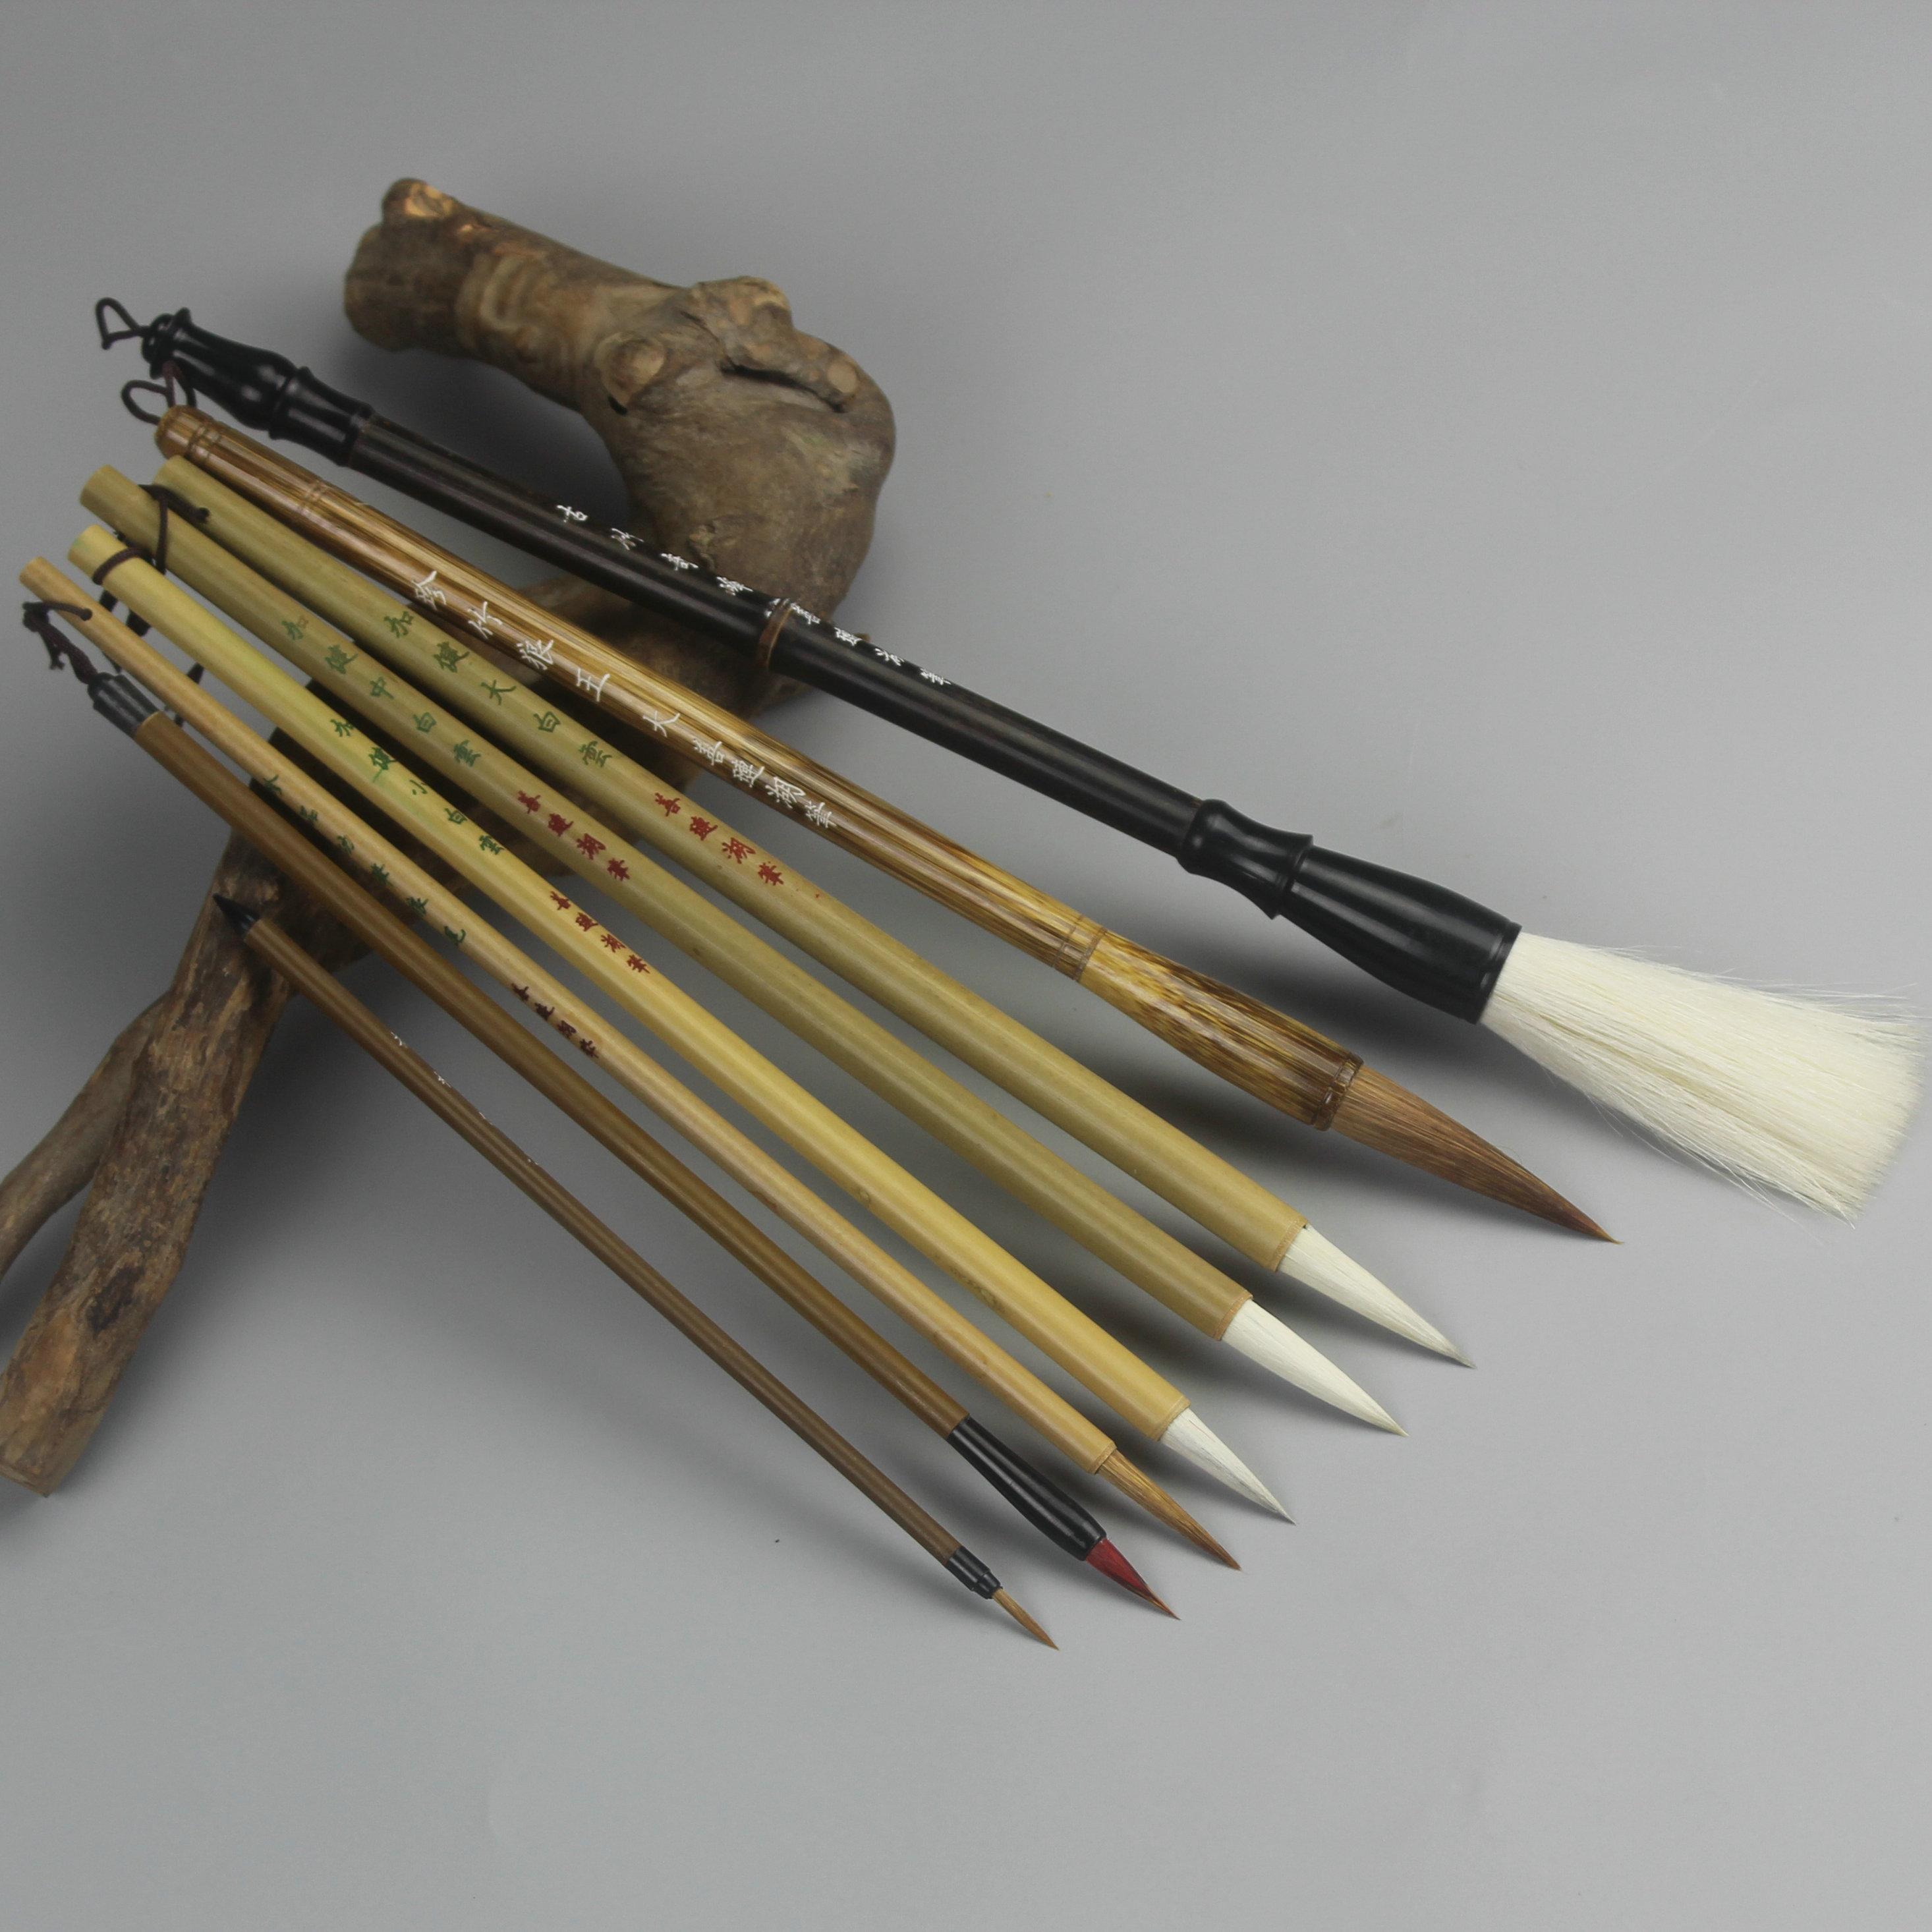 国画毛笔套装 工笔写意专用山水花初学工具 书法书画用品湖笔